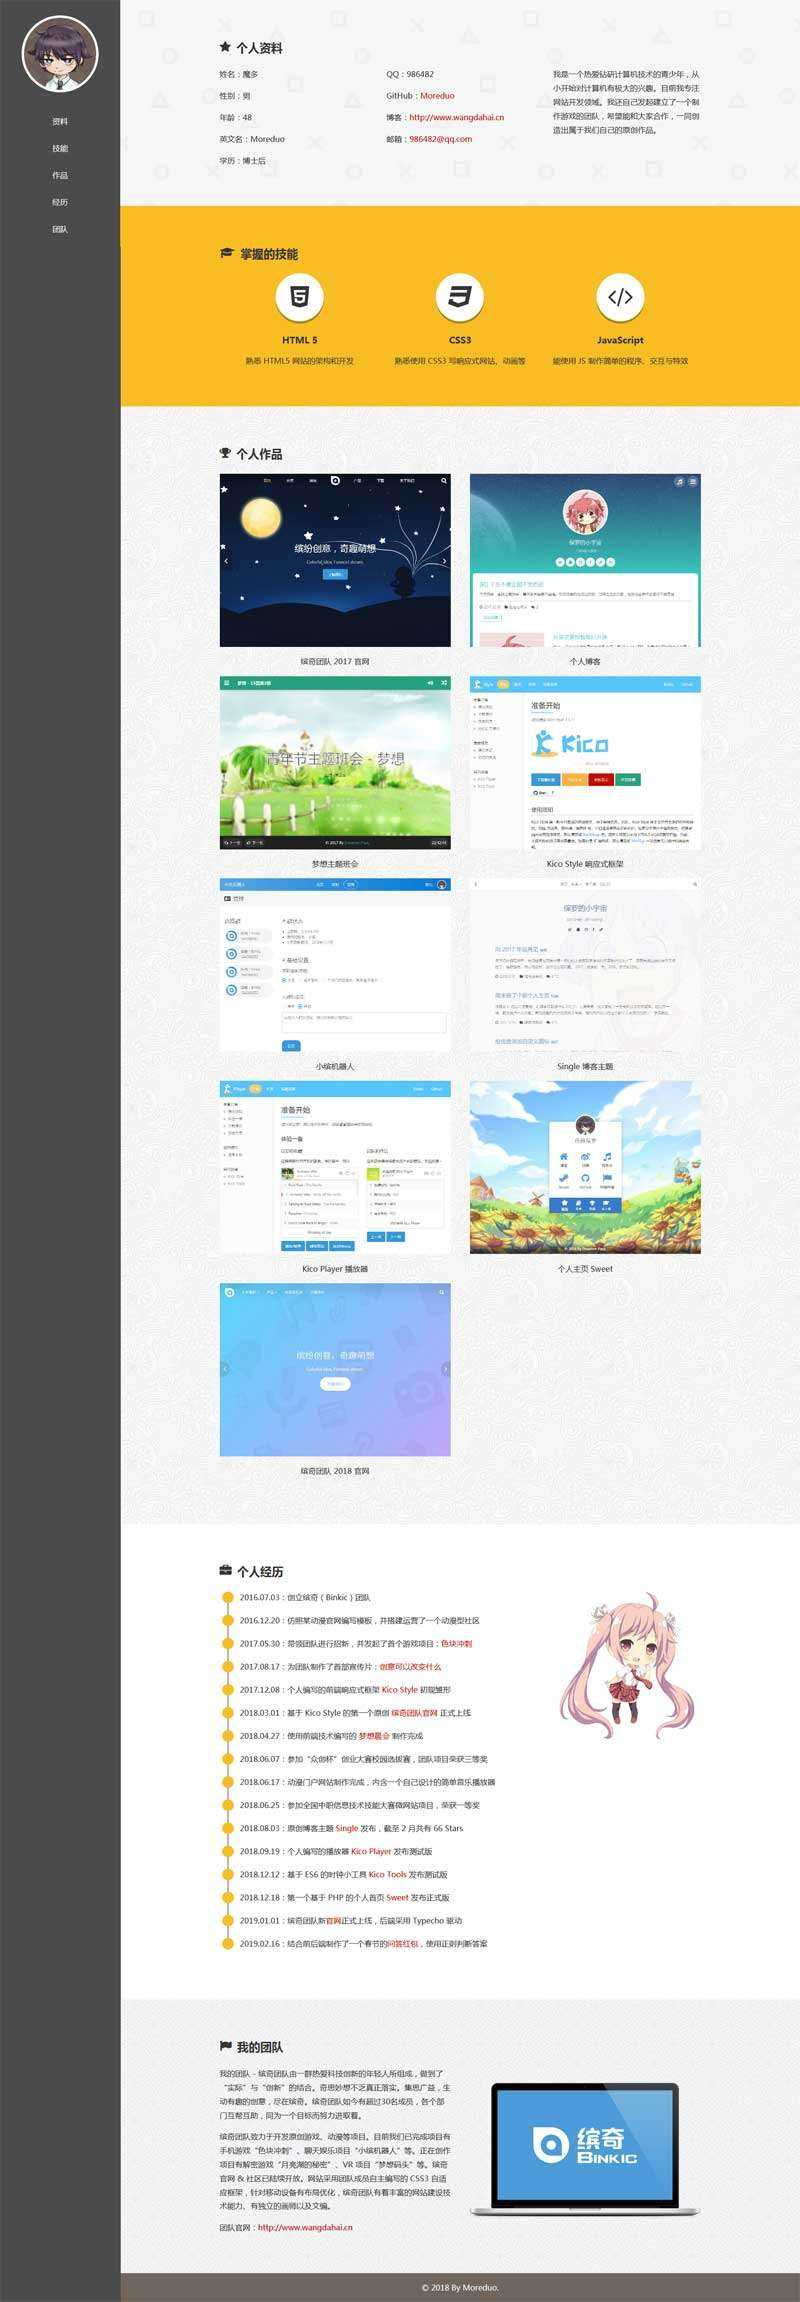 HTML5响应式单页面个人简历介绍模板